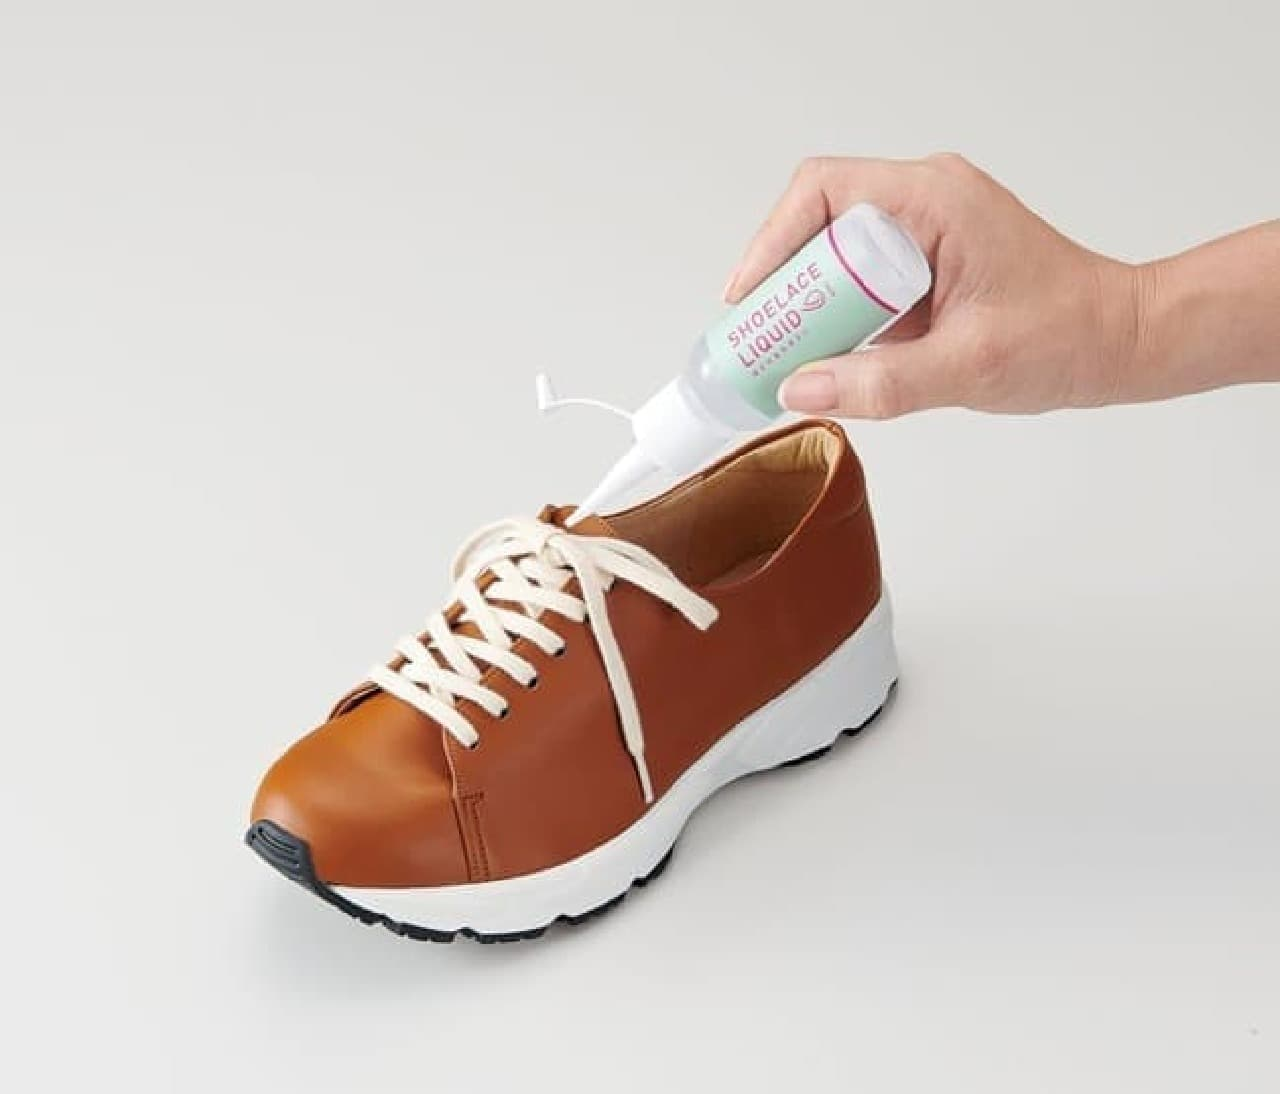 靴ひもがほどけにくくなるリキッド「ほどけるのきらい」がコジットから -- 結び目に垂らすだけ